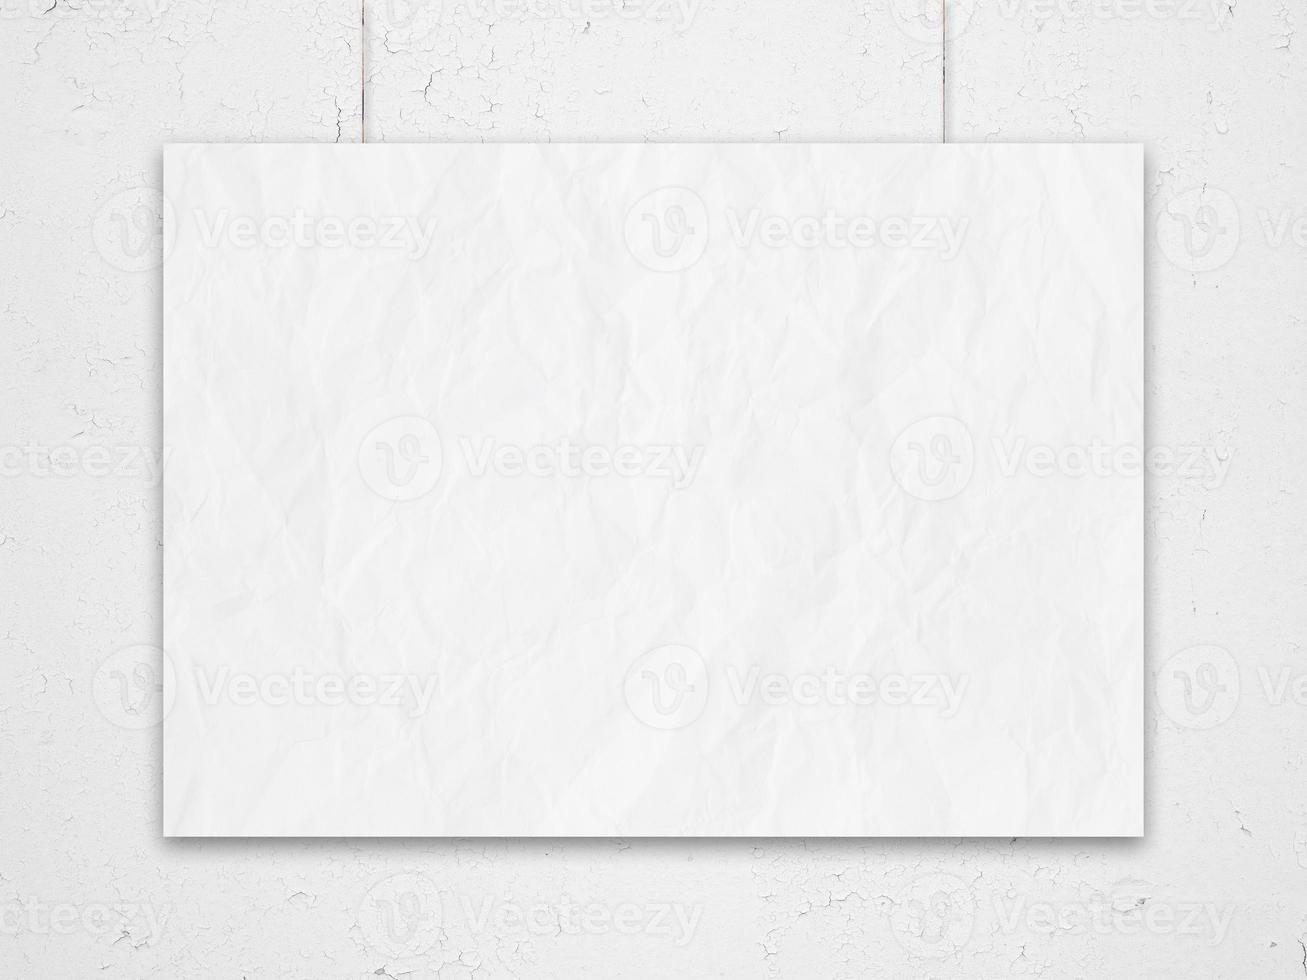 lista amassada branca pendurada na parede foto